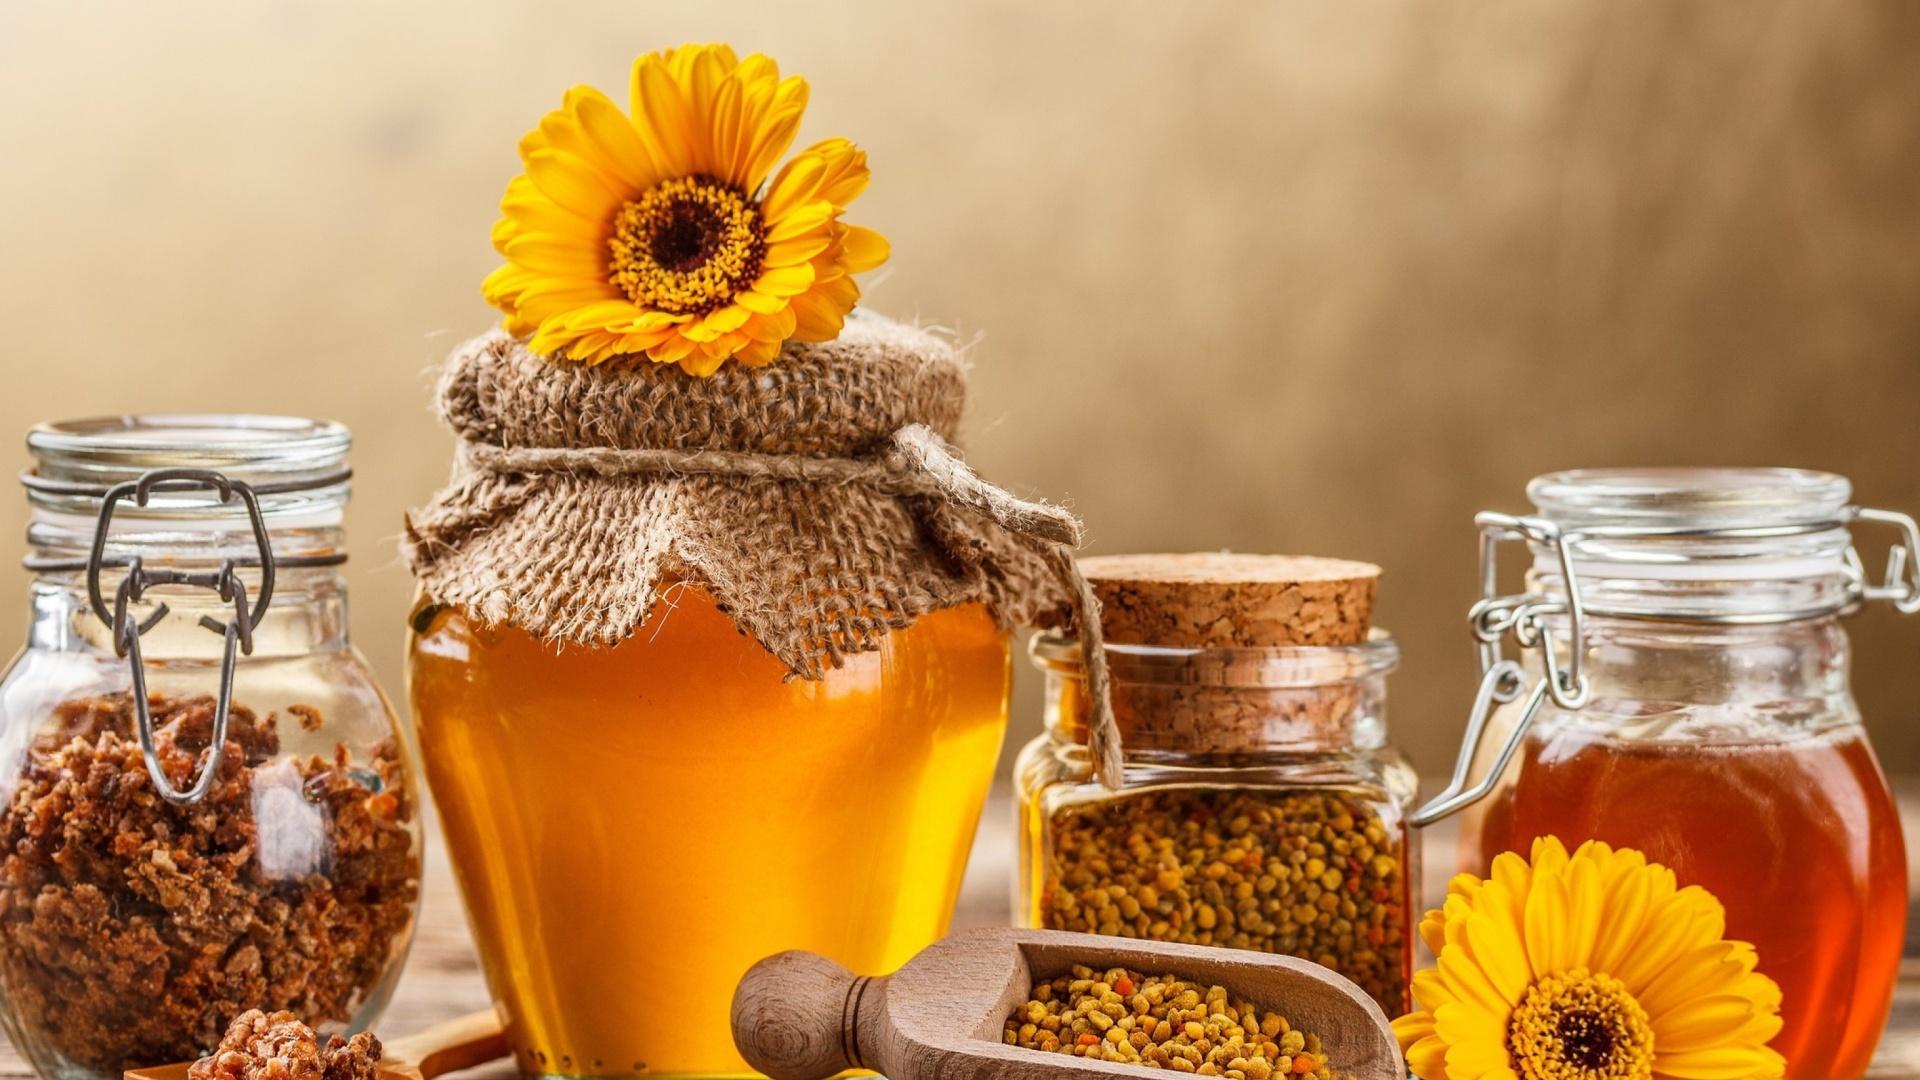 Целебный мед с травами - лекарственный рецепт приготовления 27